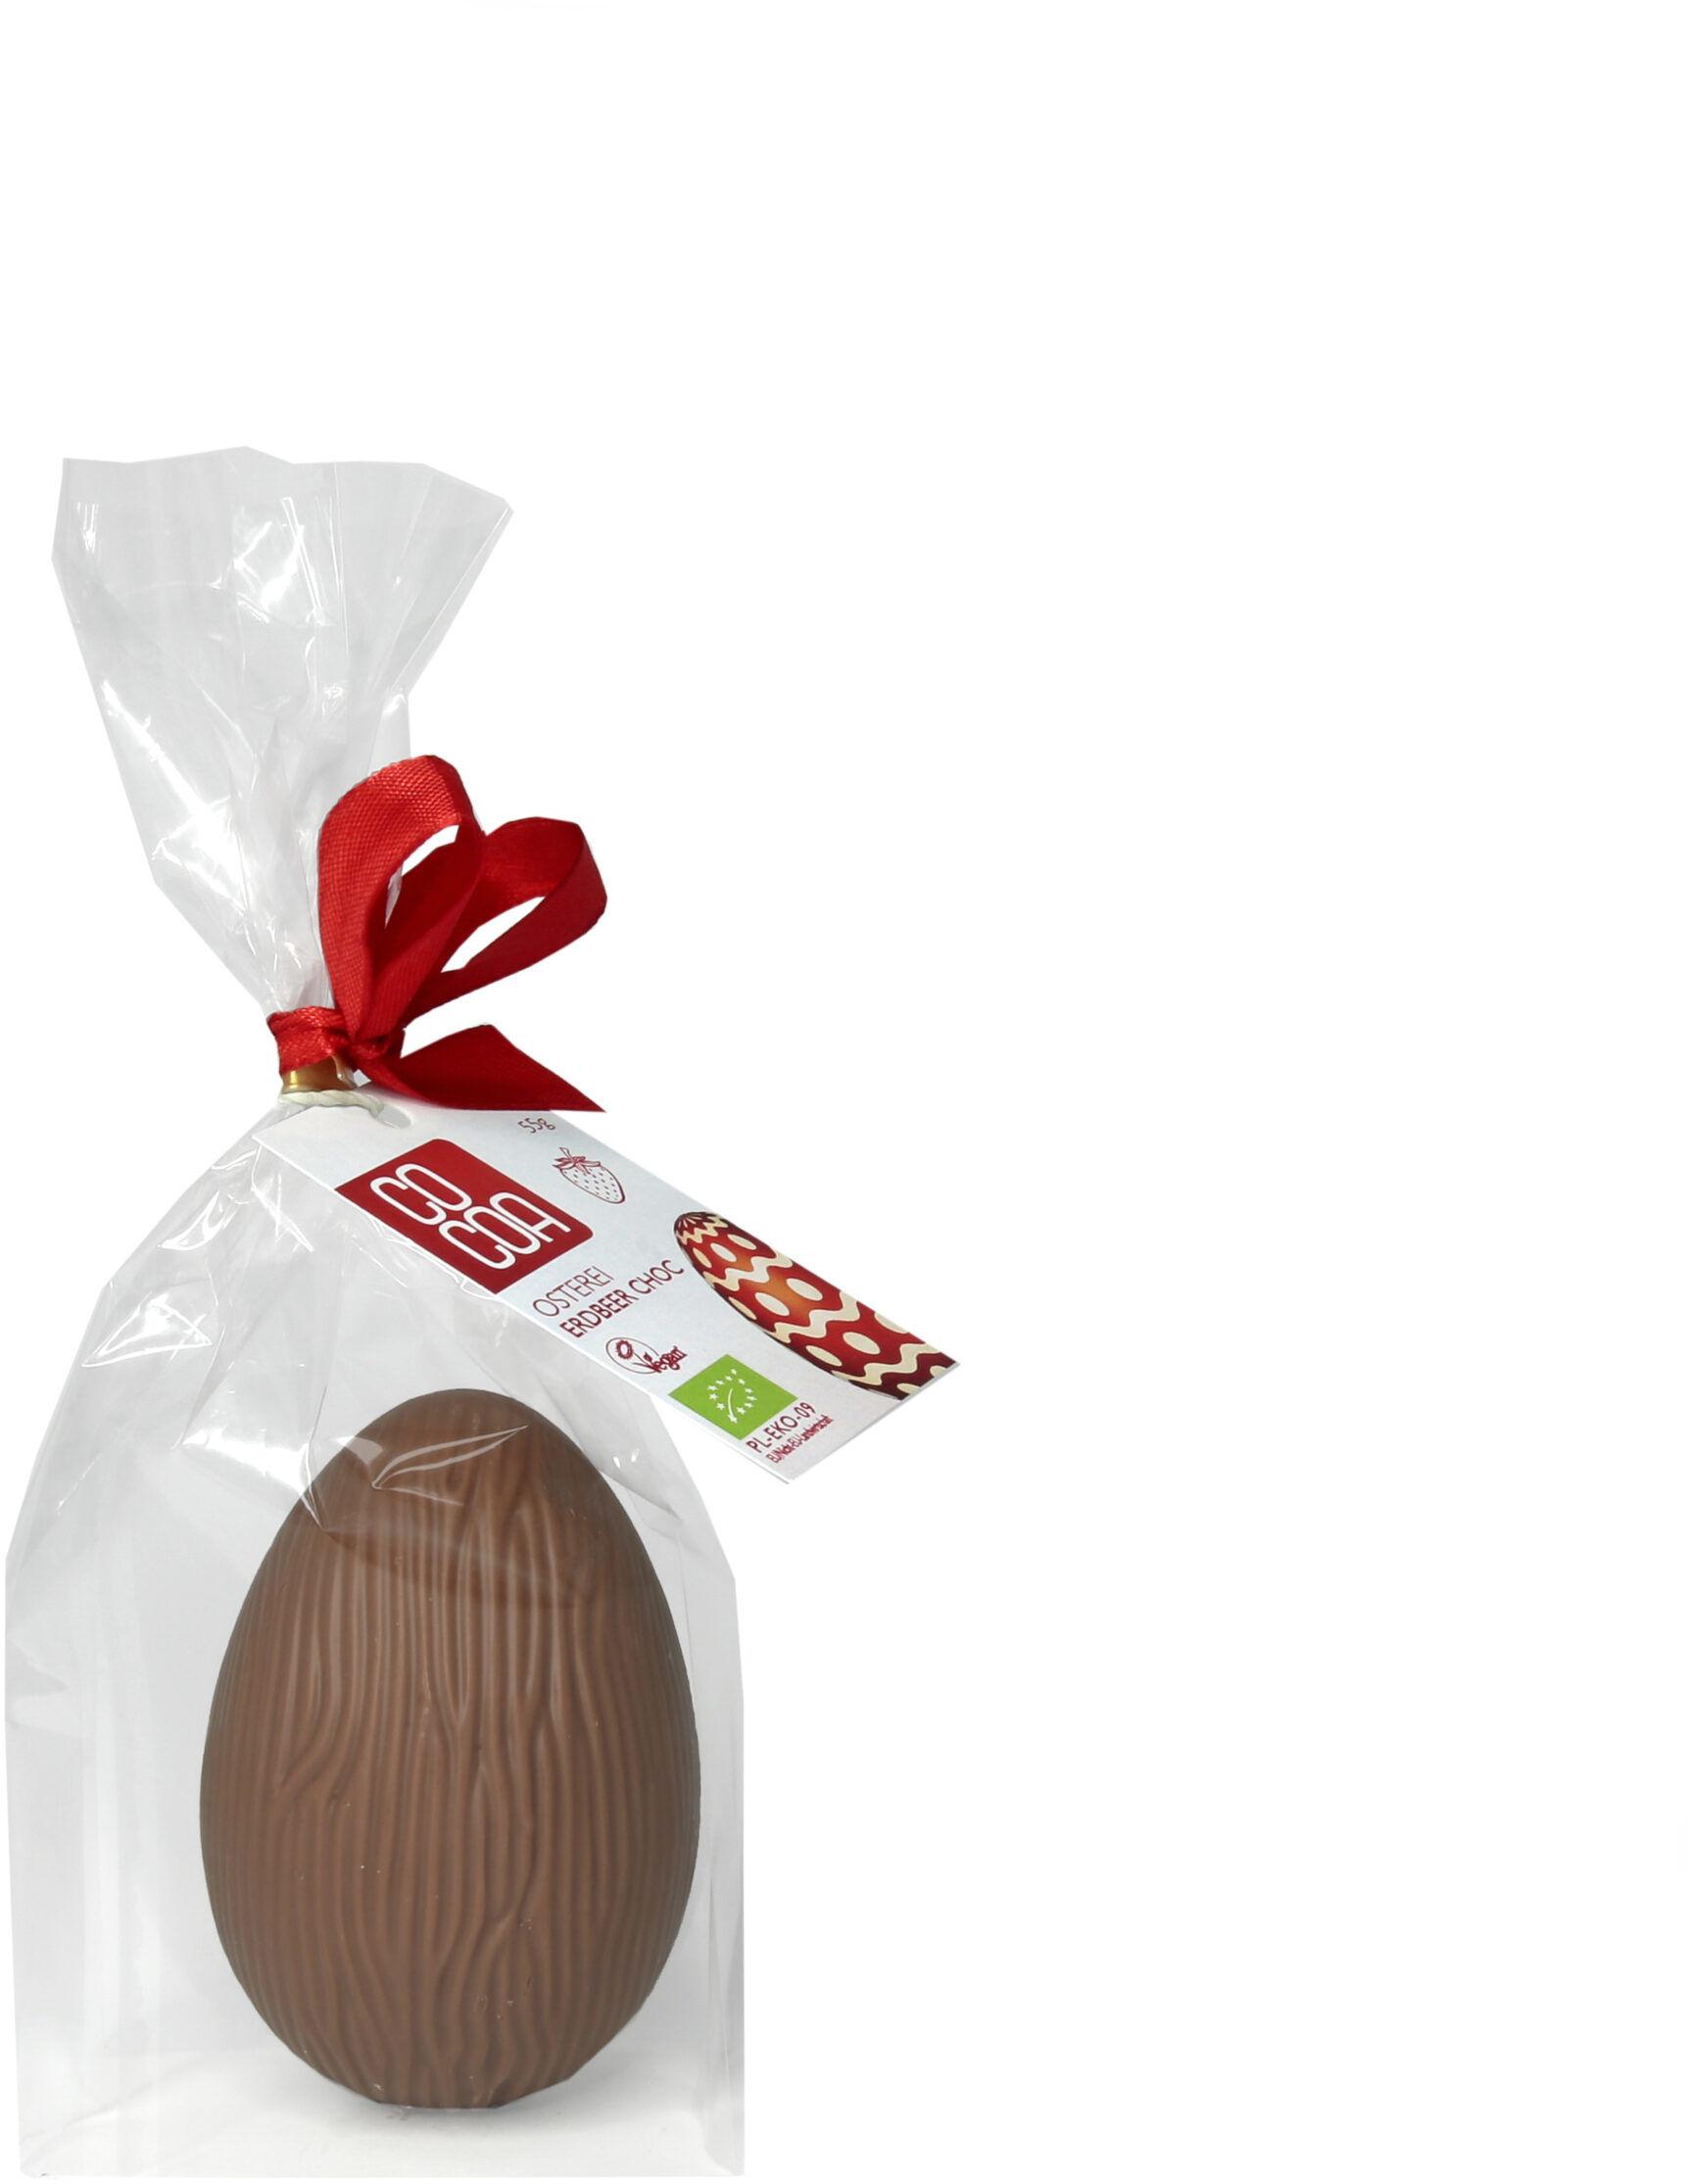 Jajko Wielkanocne o smaku truskawkowym 55g - BIO